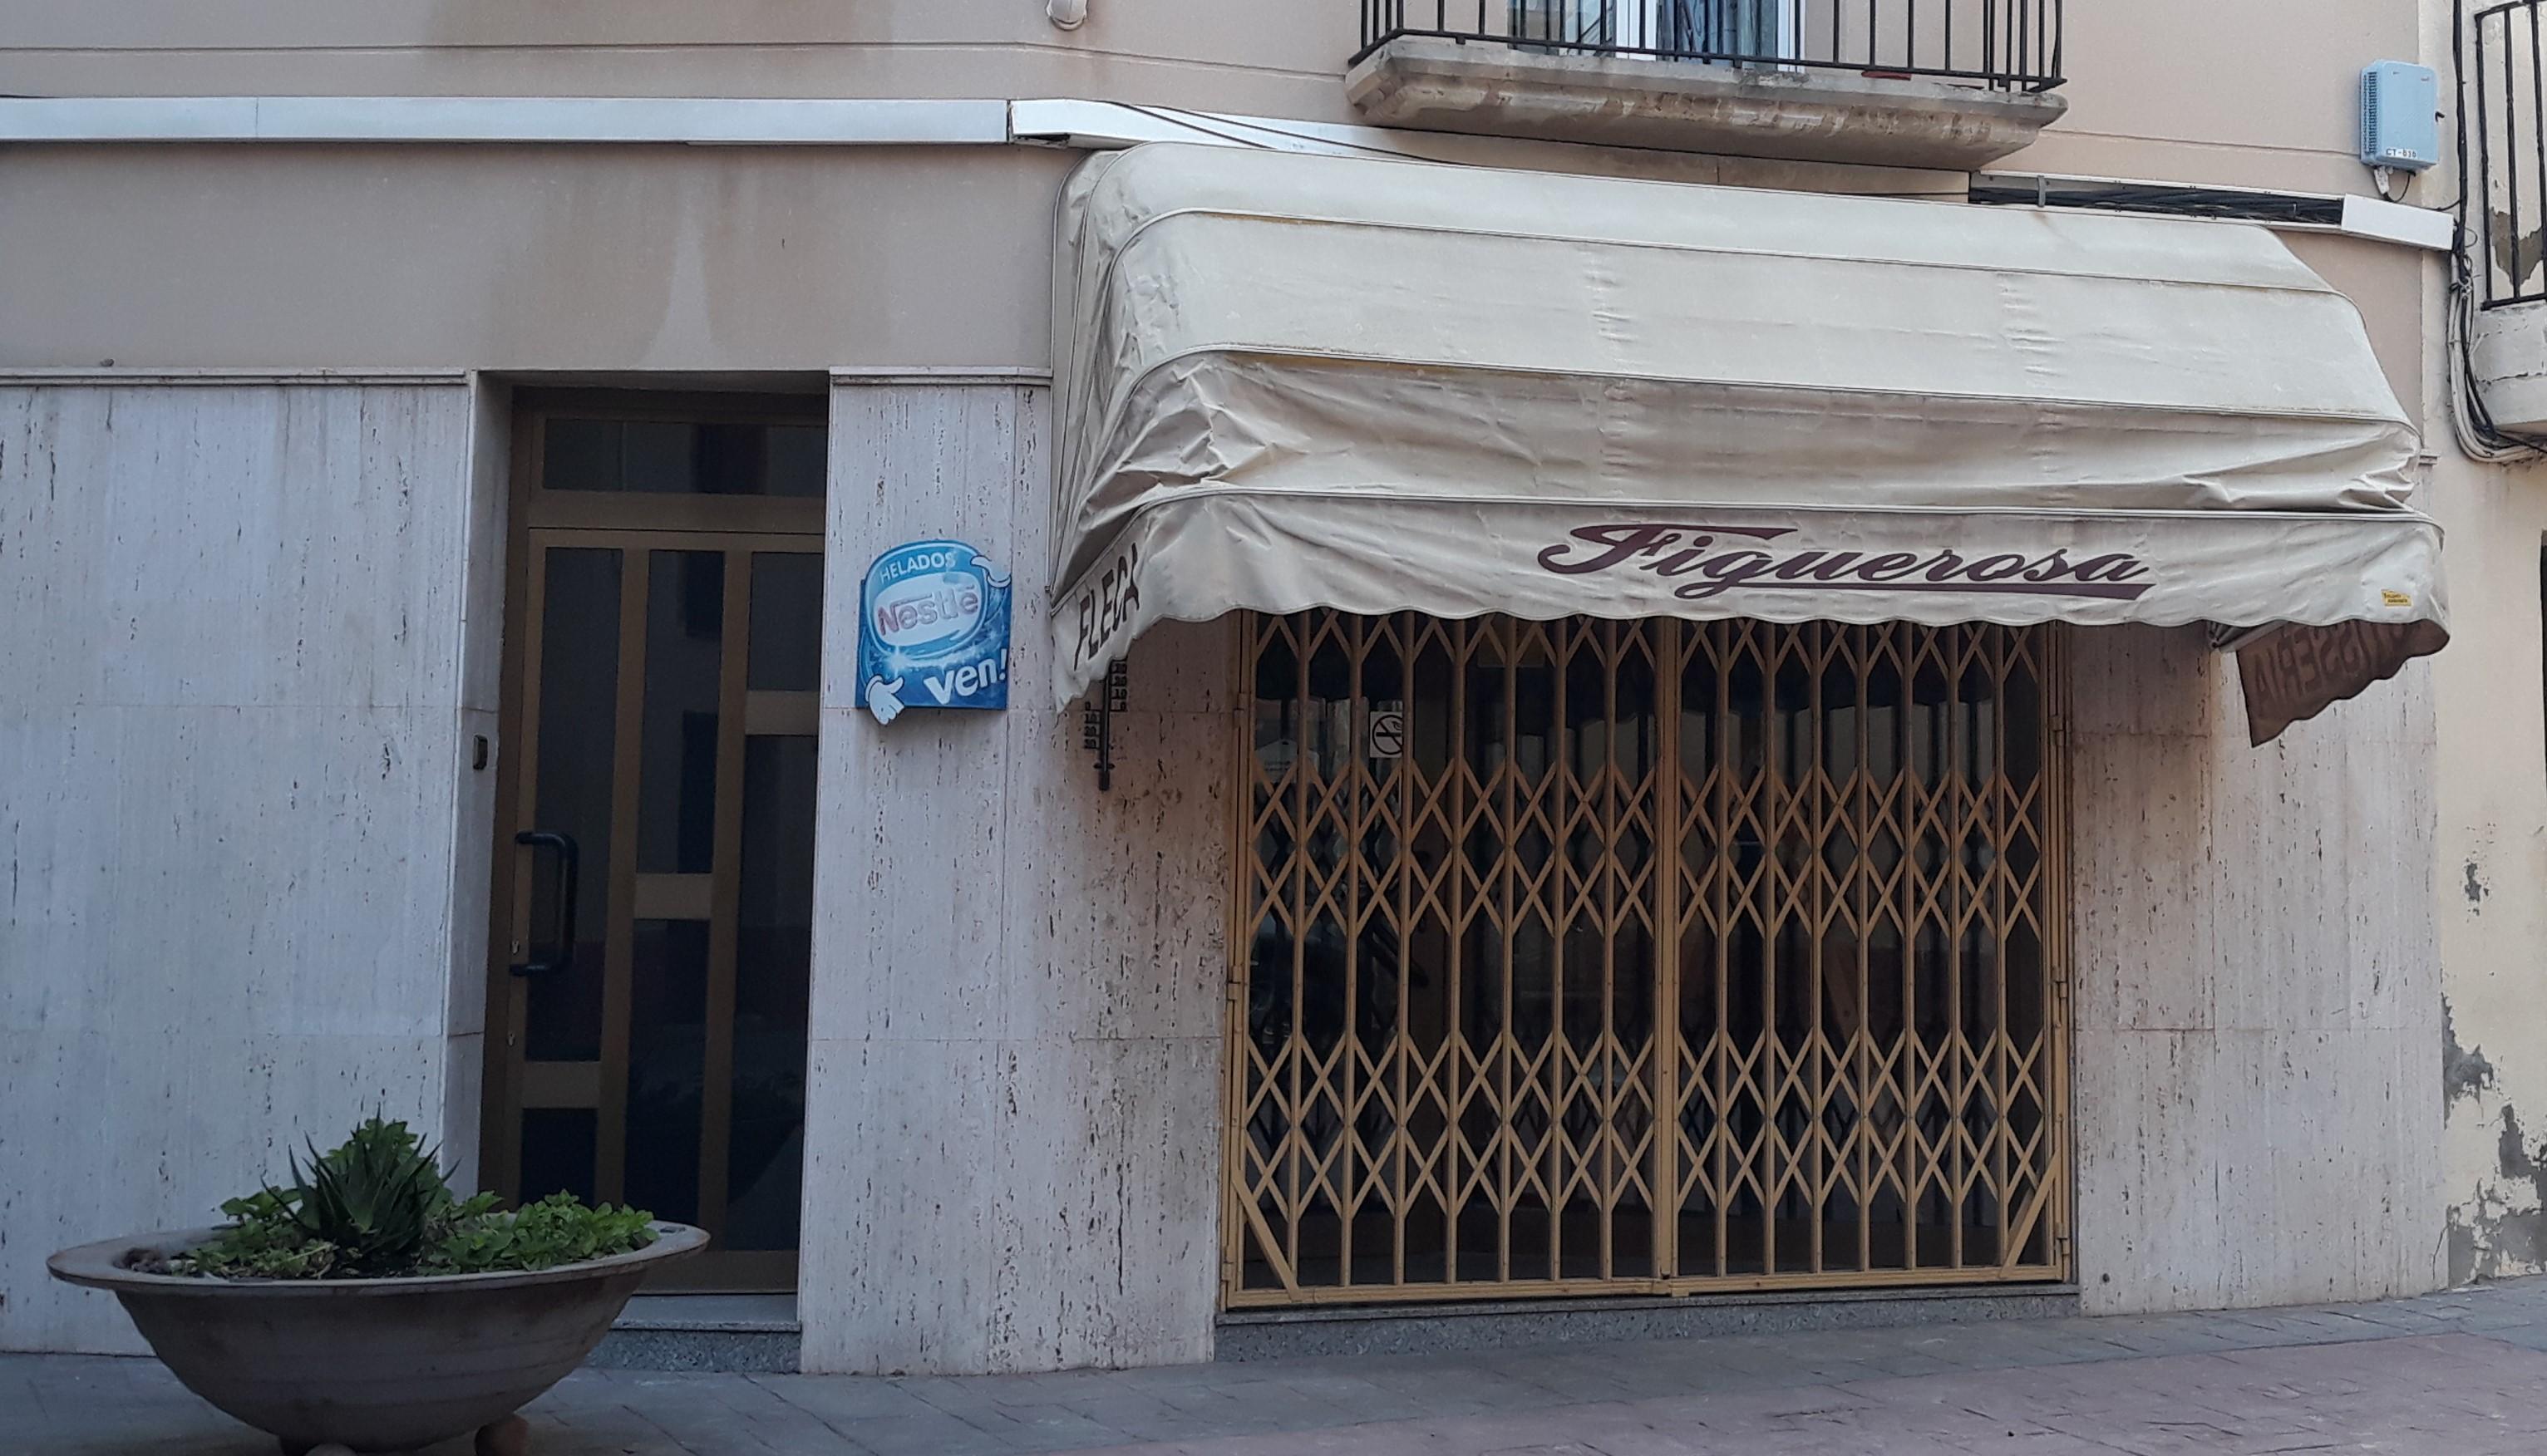 Forn de Pa Figuerosa